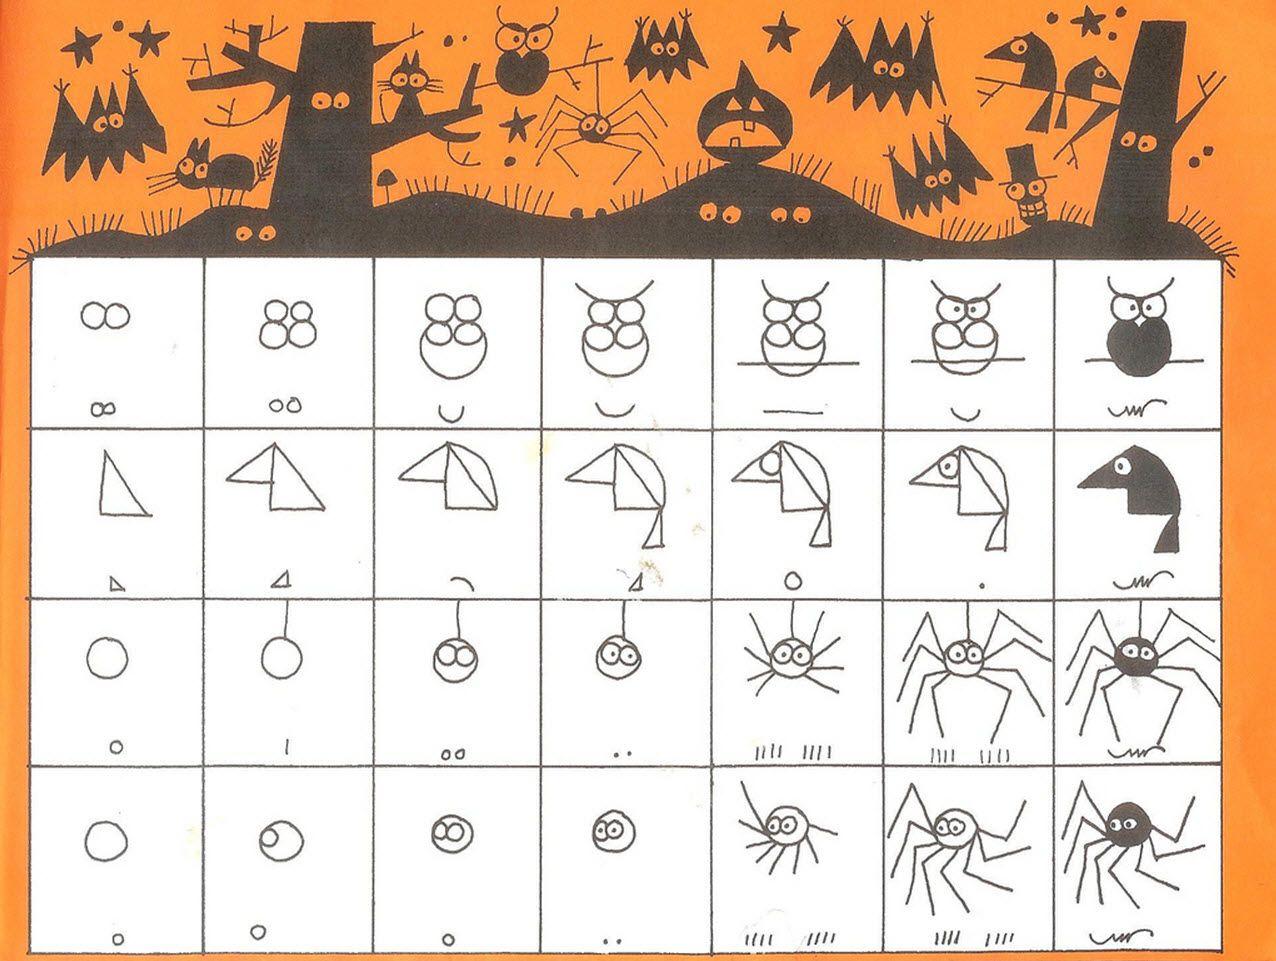 Ed Emberley Easy drawings, Halloween drawings, Step by